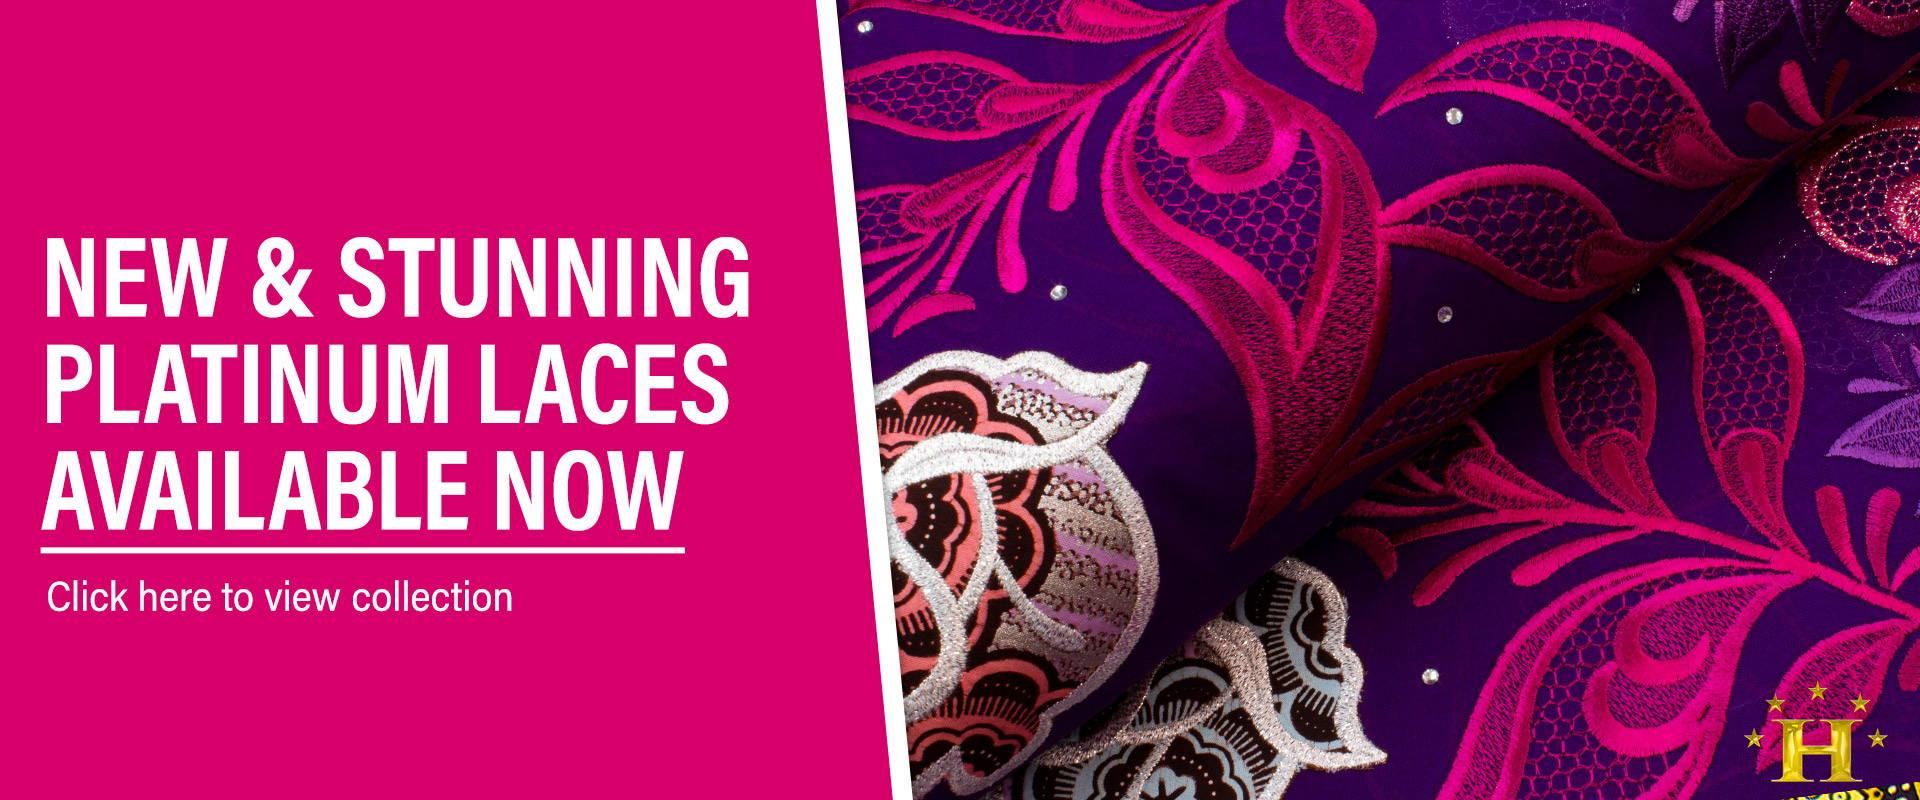 platinum swiss laces available now at hilton textiles